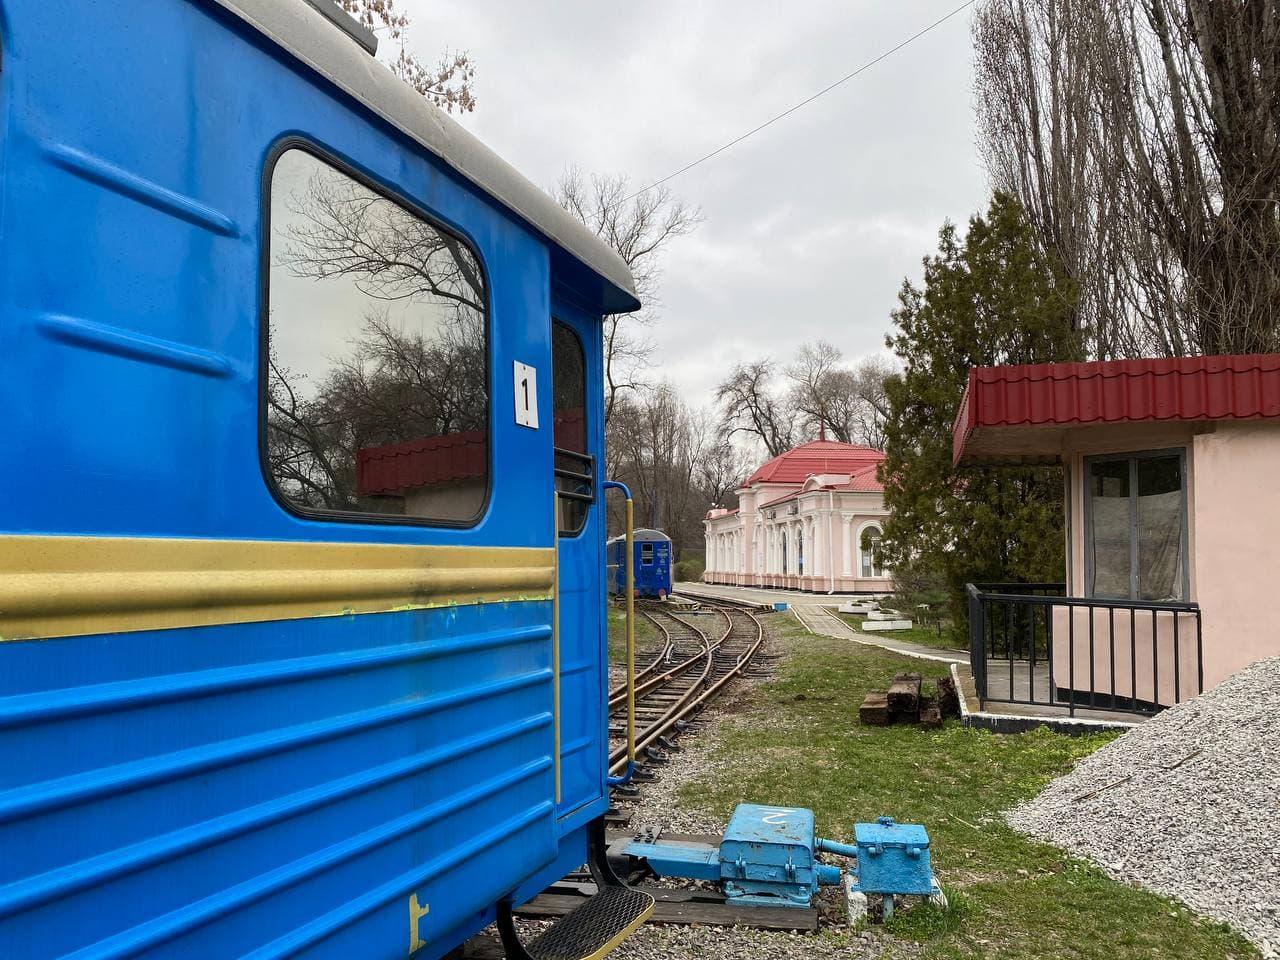 Детская железная дорога готовится к запуску: сколько будет стоить билет. Новости Днепра